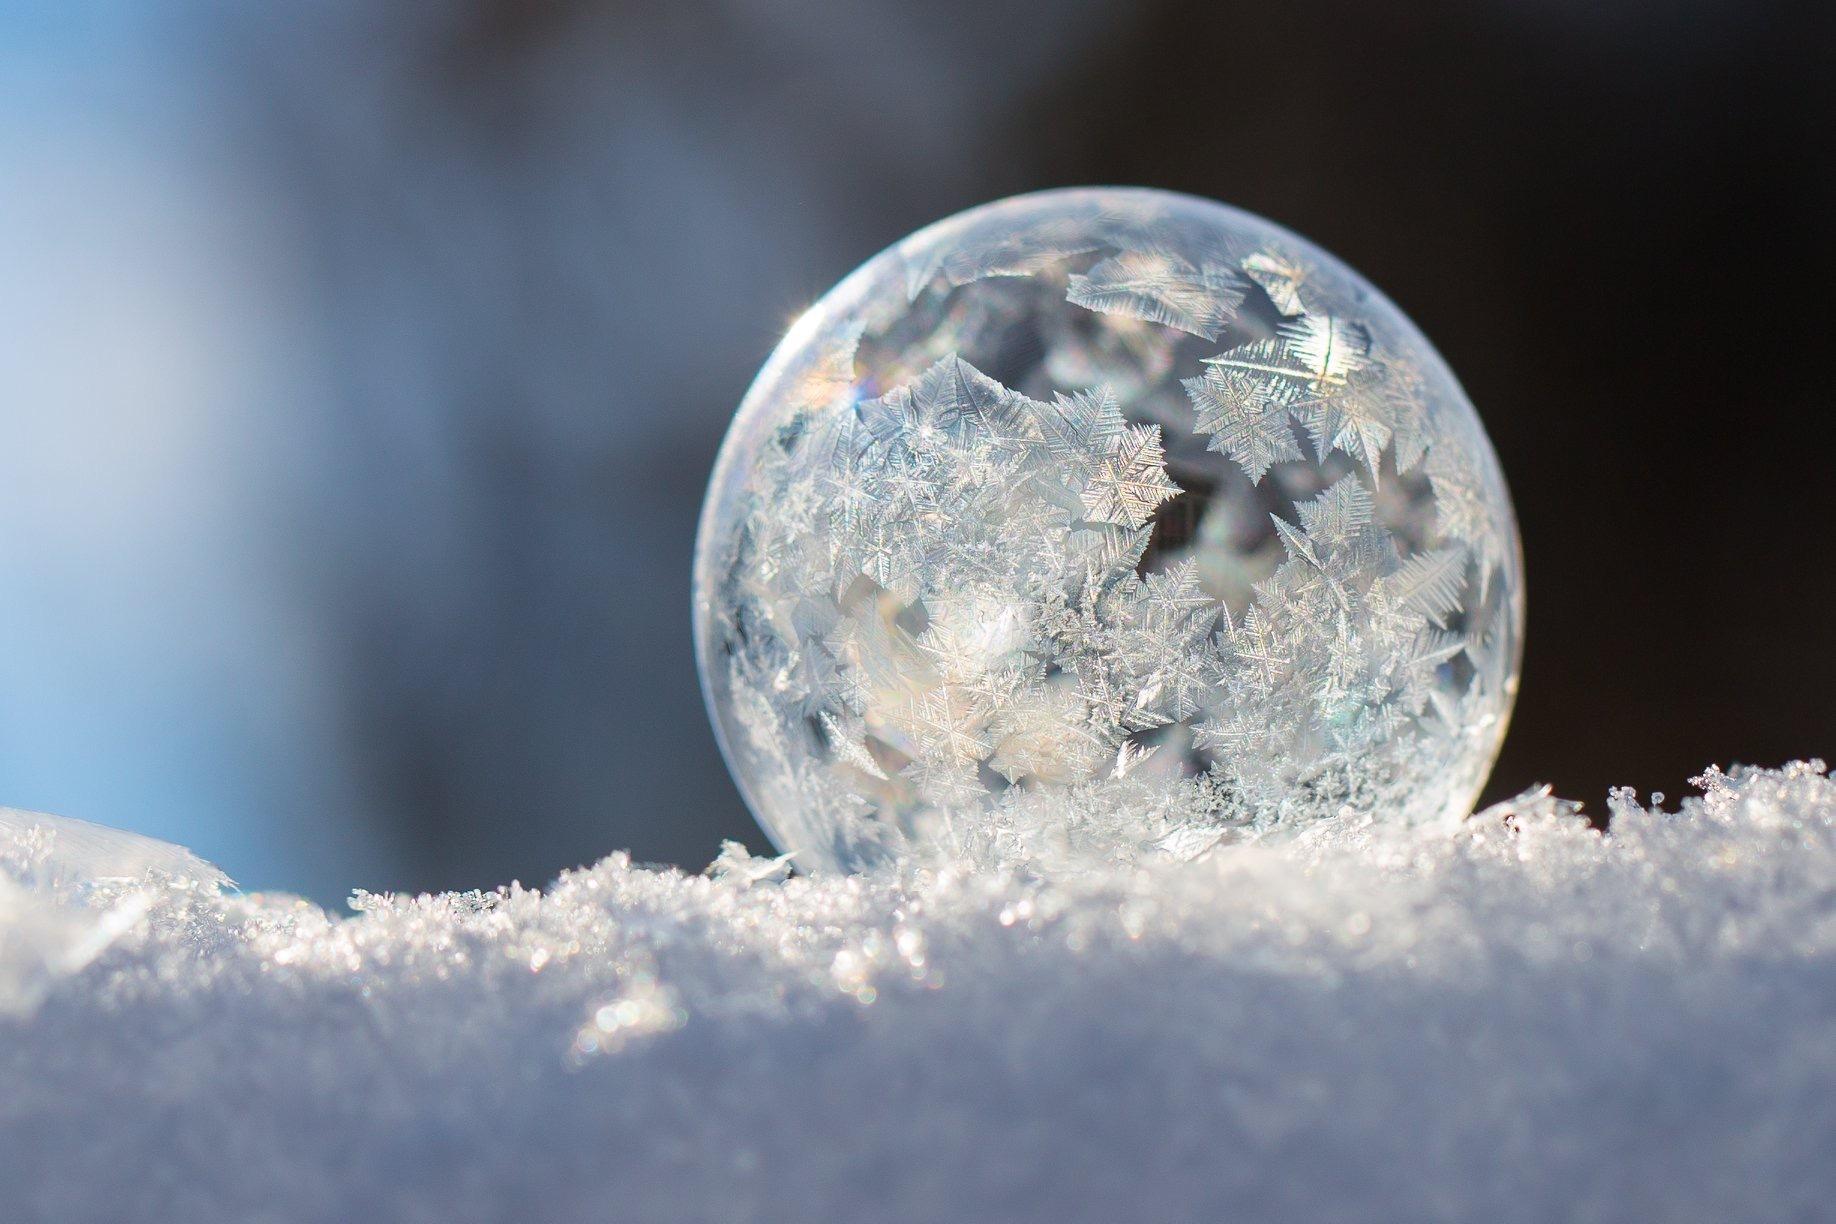 Frozen bubble by carmen.arrigo